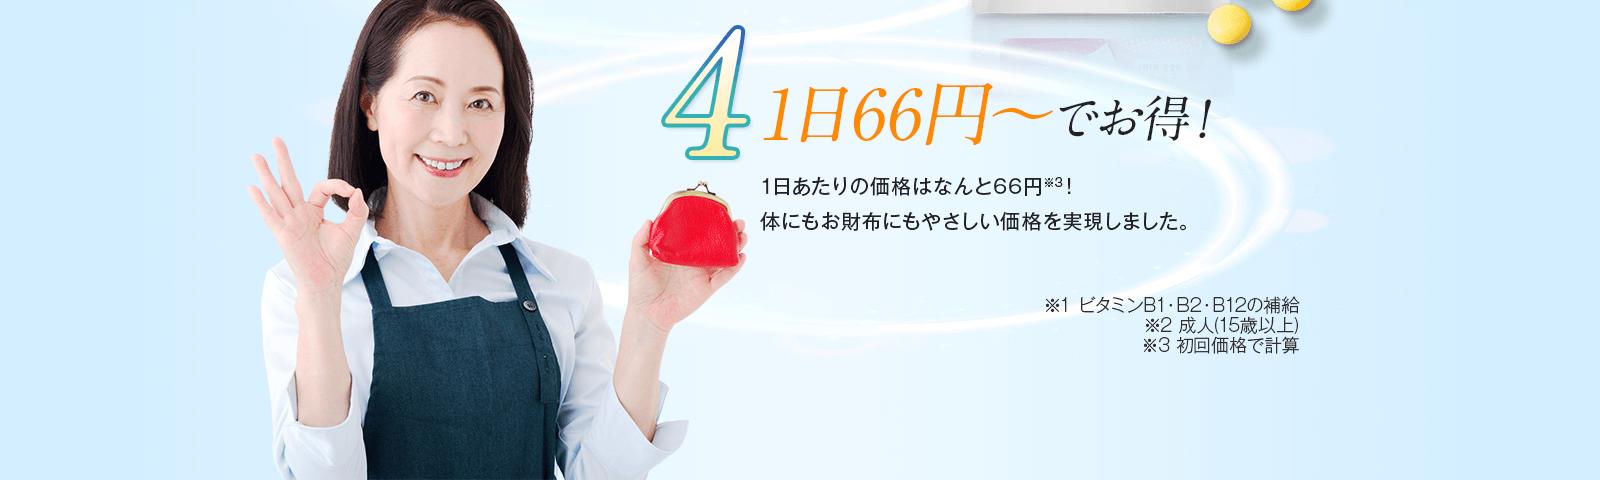 その4 1日66円~でお得!